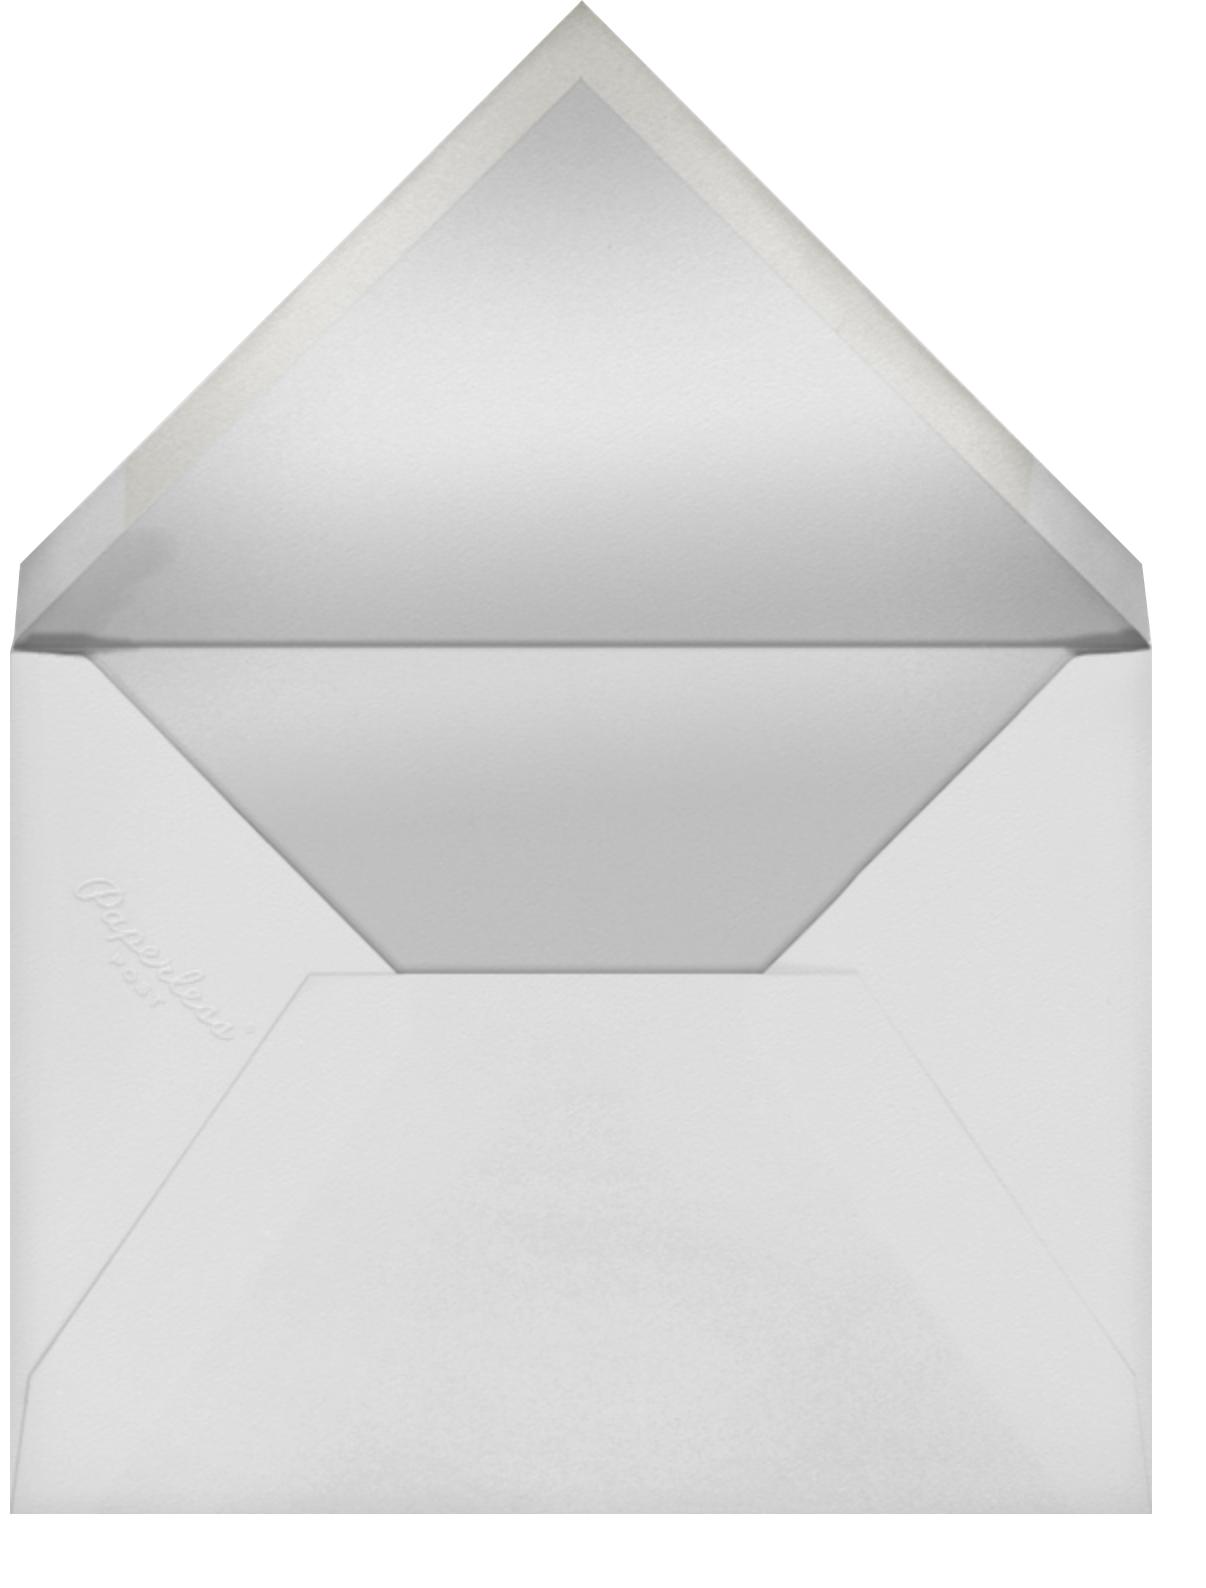 Lanterns - Paperless Post - Virtual parties - envelope back